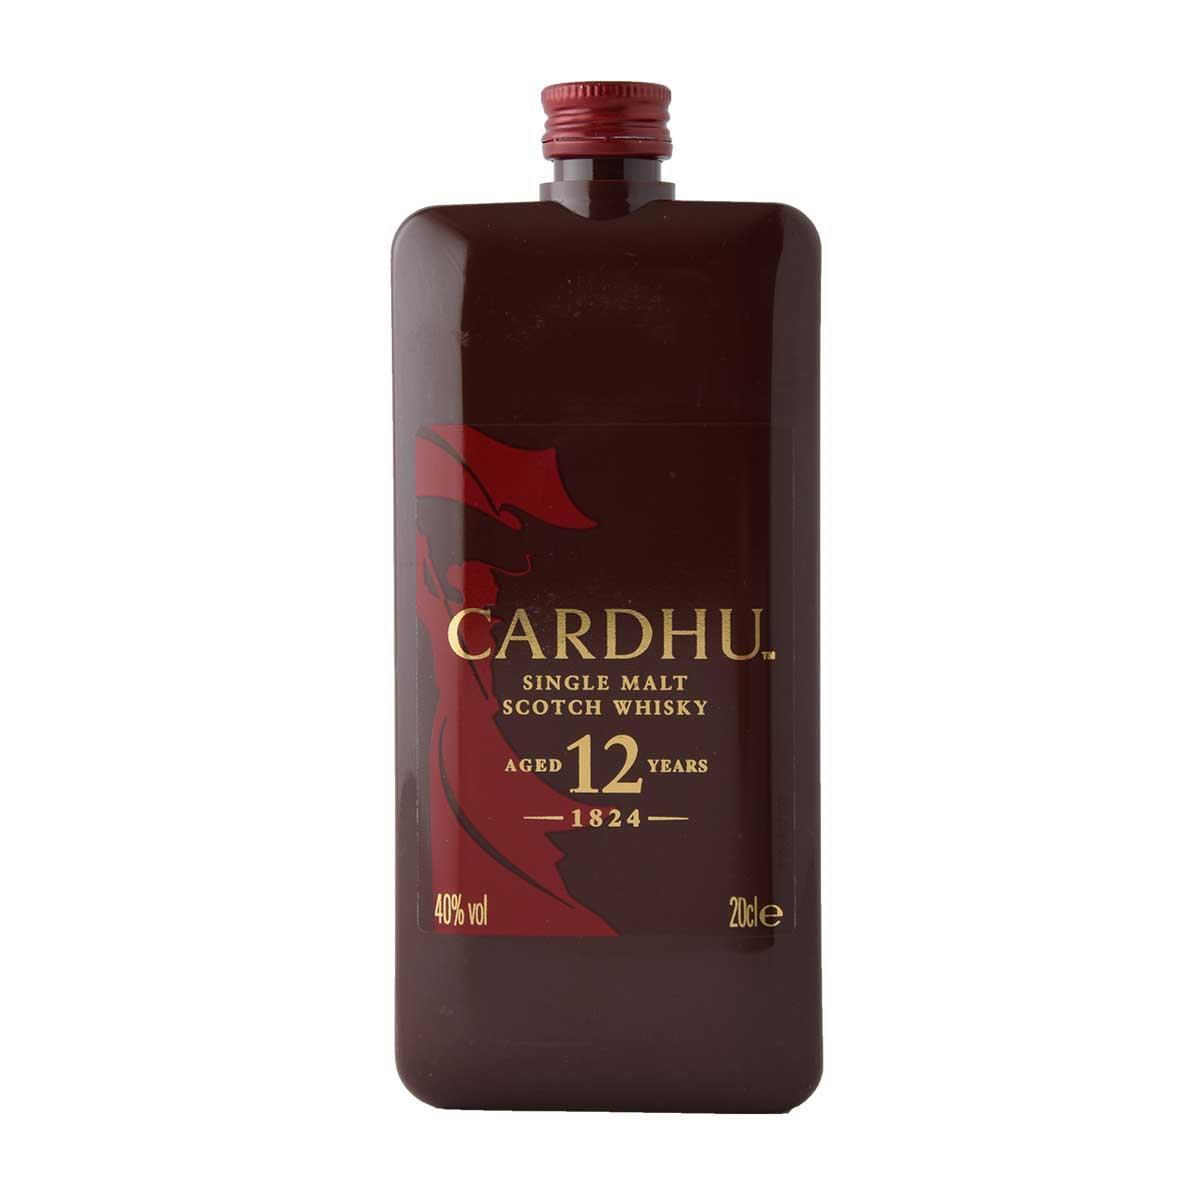 Cardhu 12 y.o. Pocket 200ml